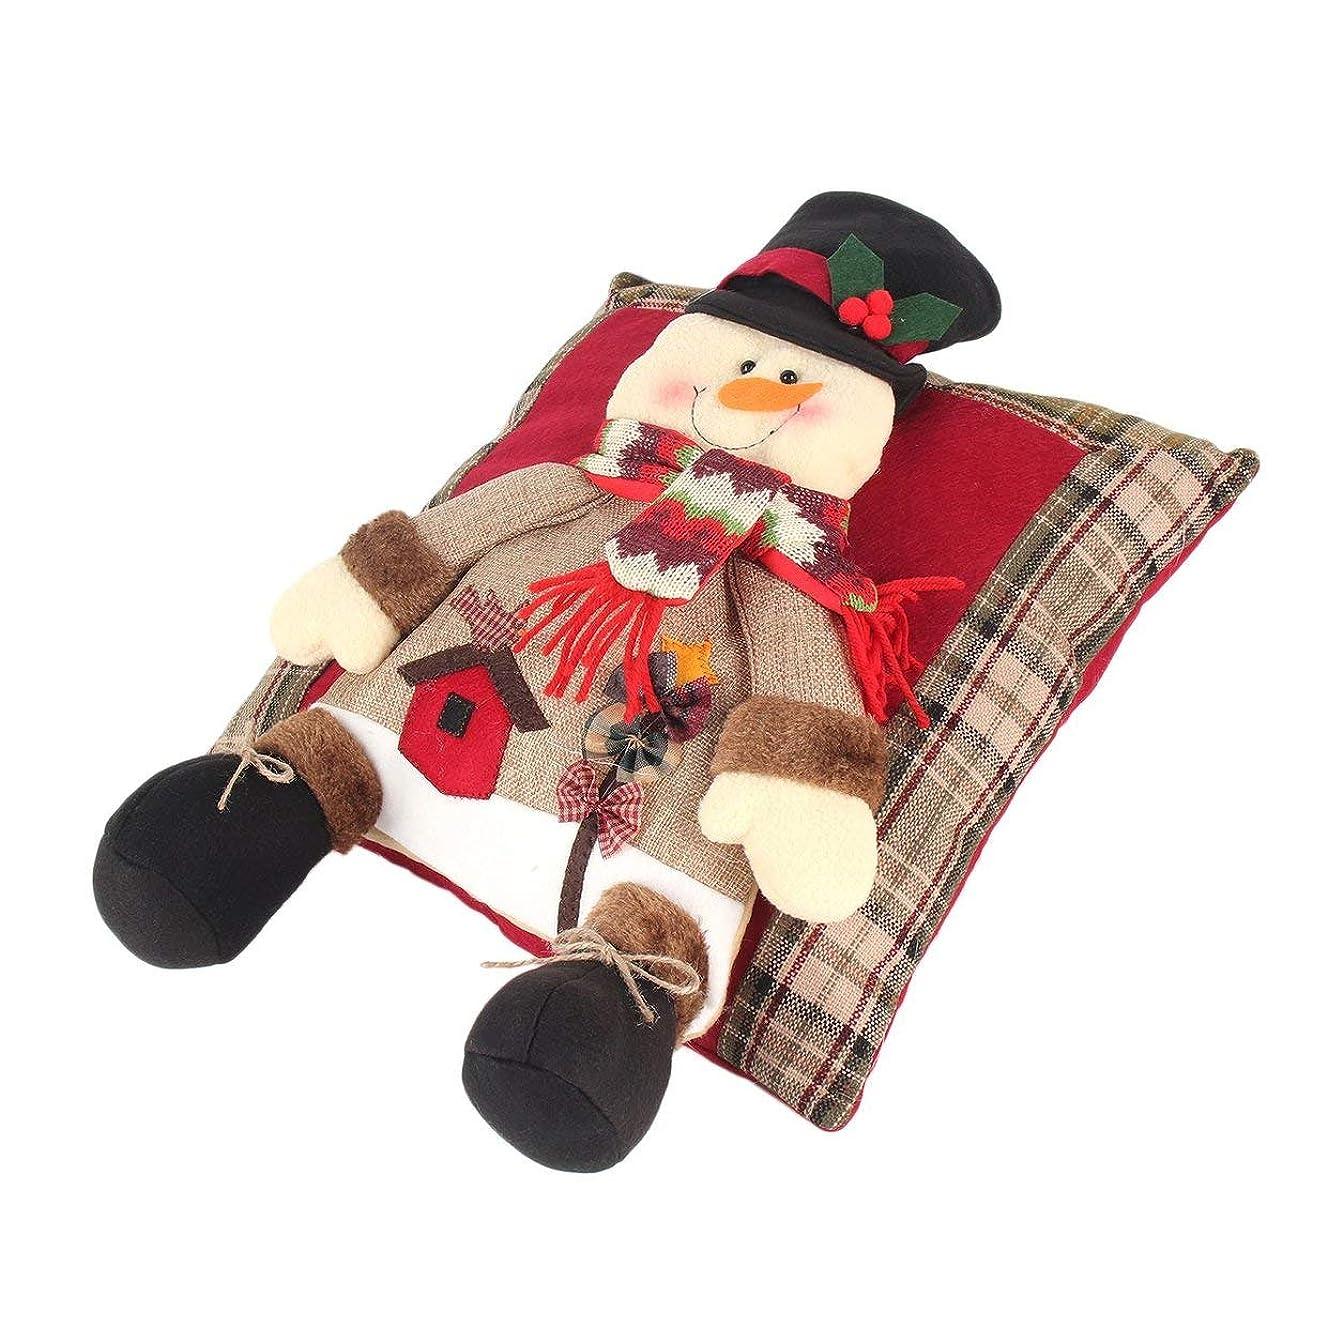 システム安息ナサニエル区Saikogoods 快適なクリスマスリネン枕フェスティバルソフトクッションホームベッドルームリビングルームのソファの装飾パーフェクトなギフト 多色